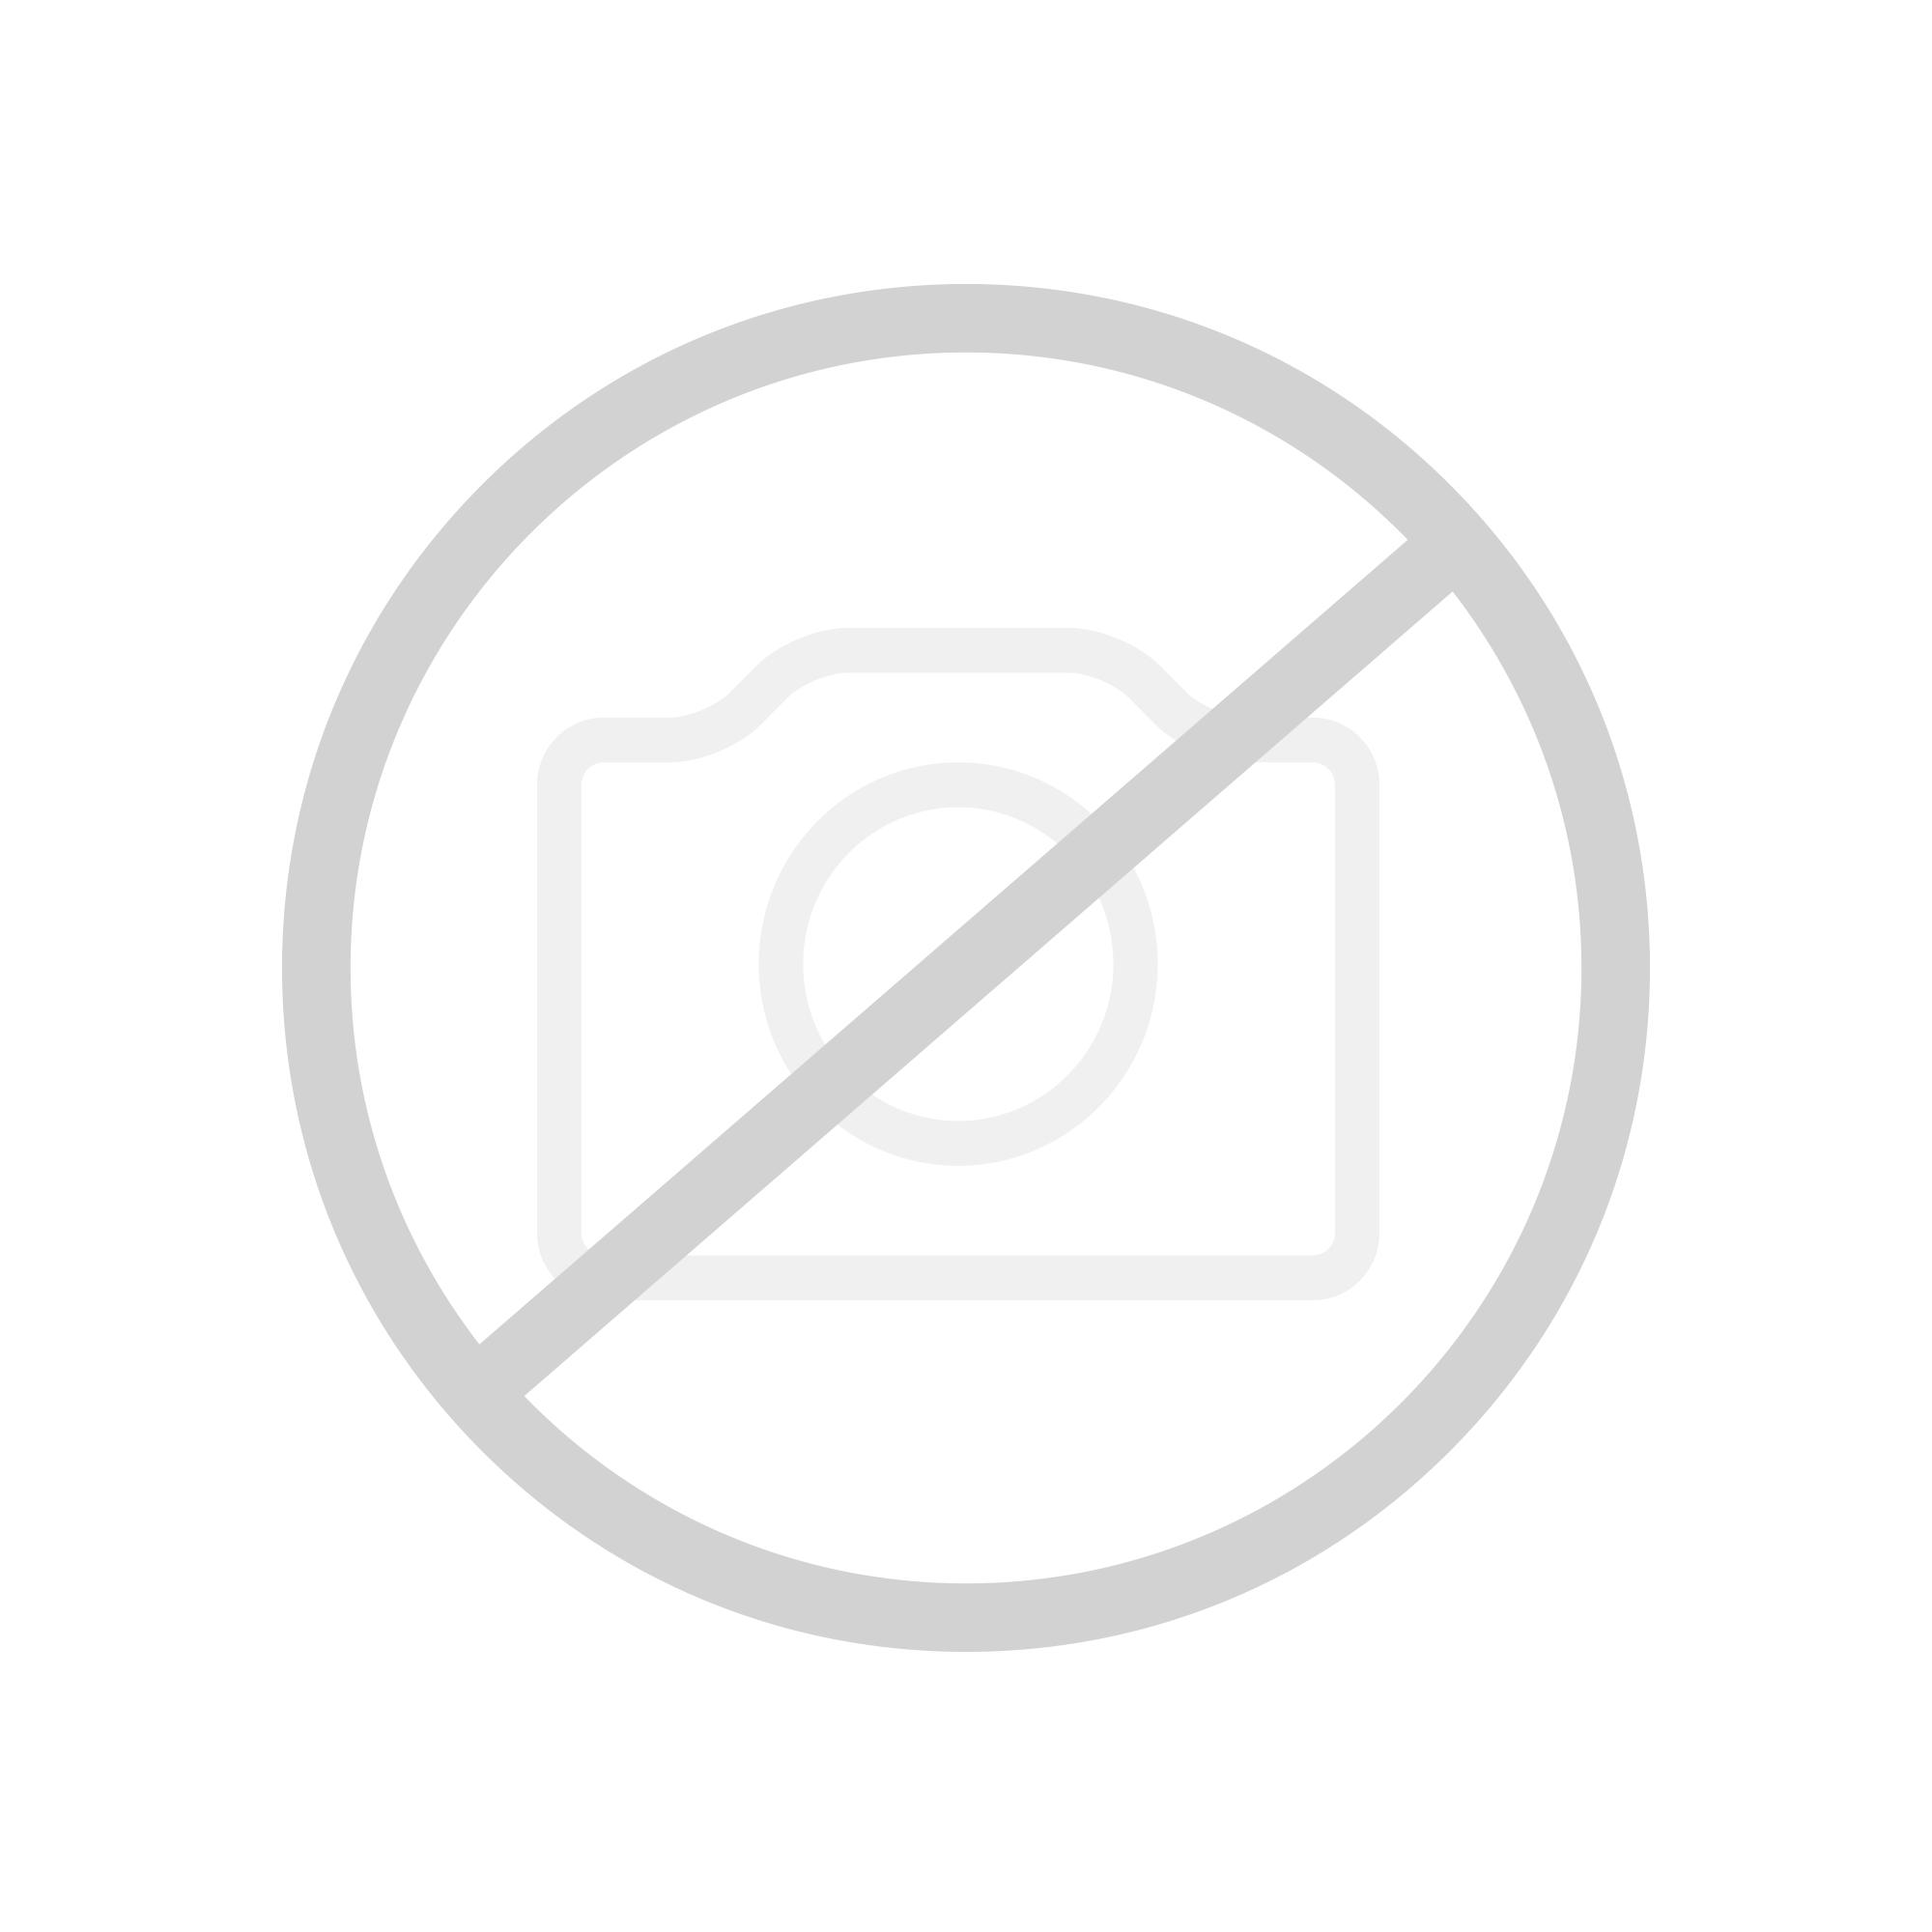 Hansgrohe Axor Uno² WC Bürstenhalter, Standversion